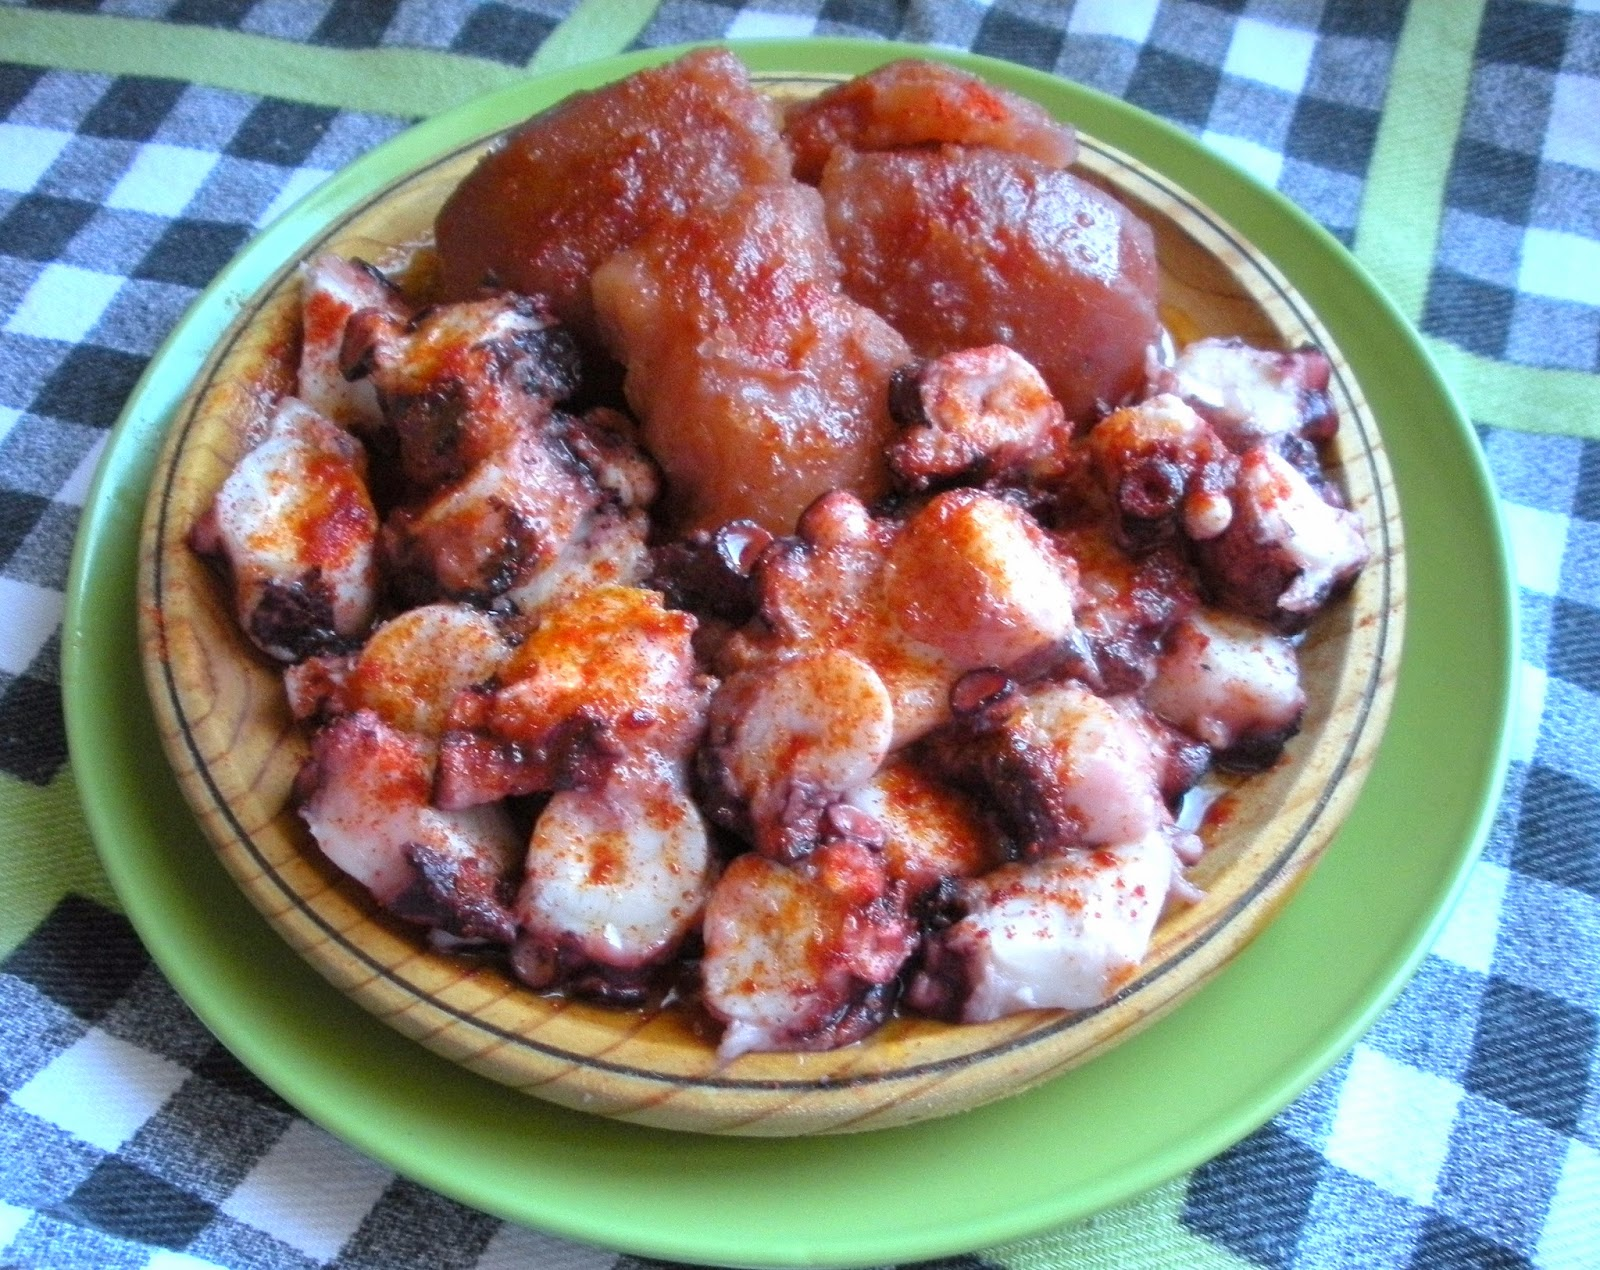 Aqu se cocina pulpo cocido en olla r pida sin agua - Patatas en olla rapida ...